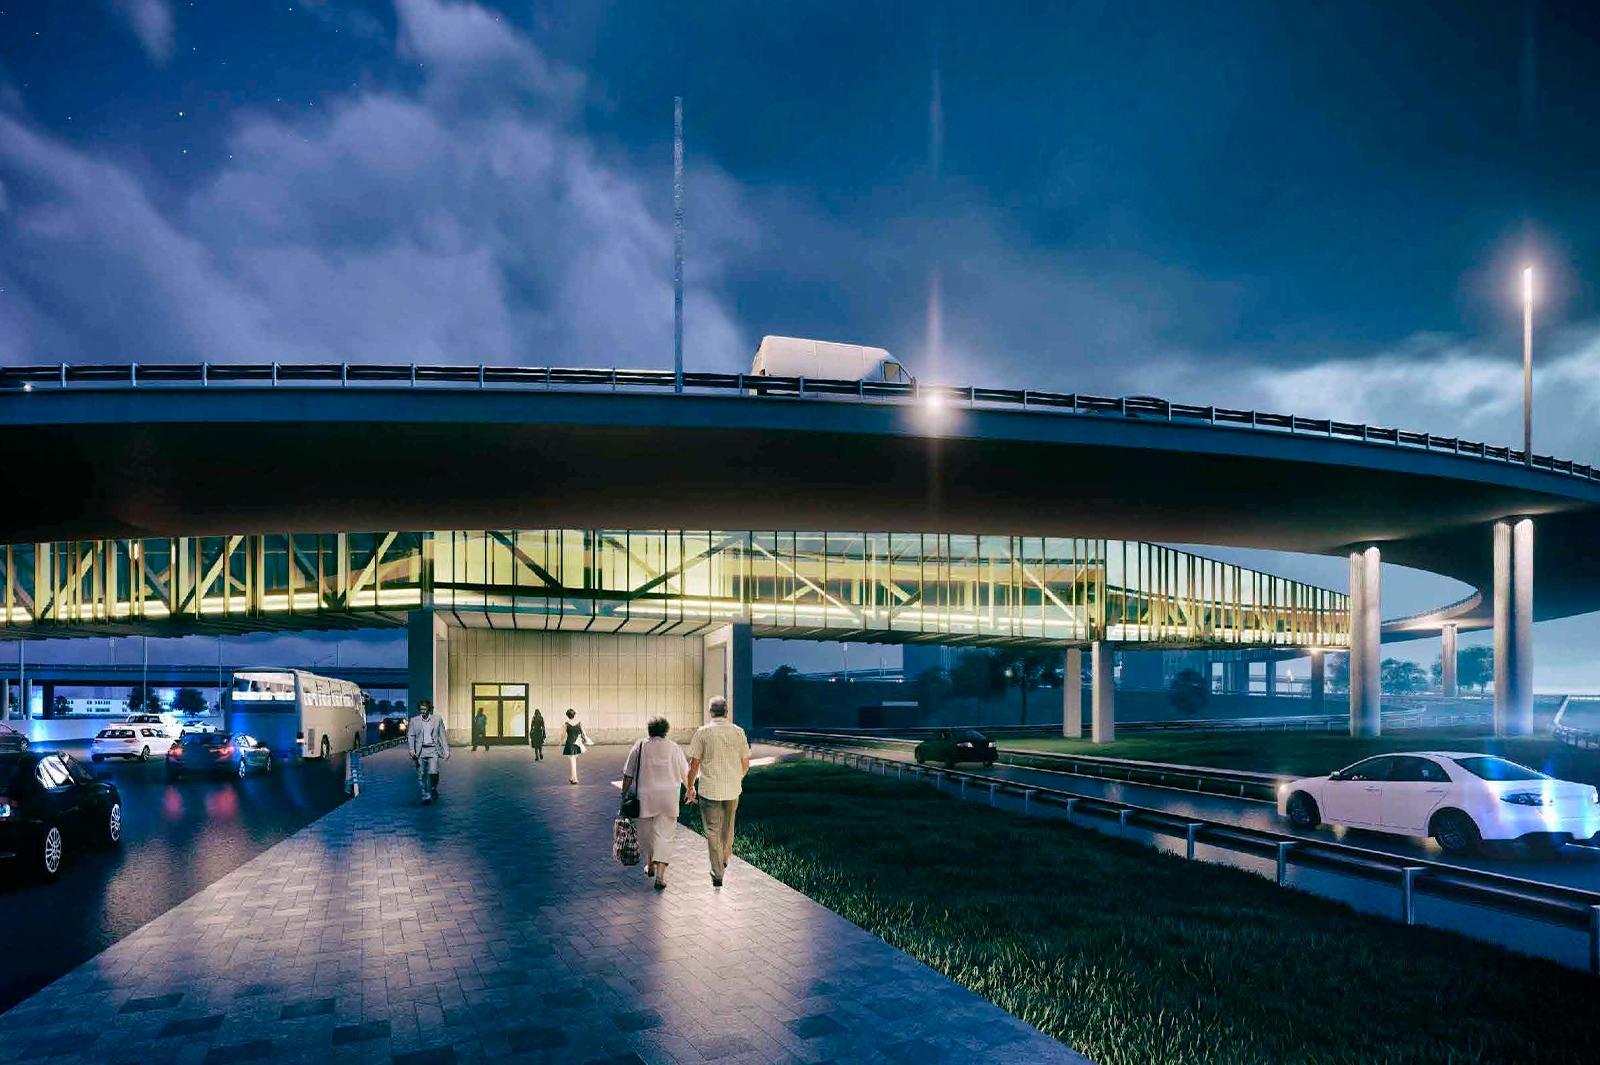 Полукруглый переход построят на развязке МКАД – Новоегорьевское шоссе в Москве